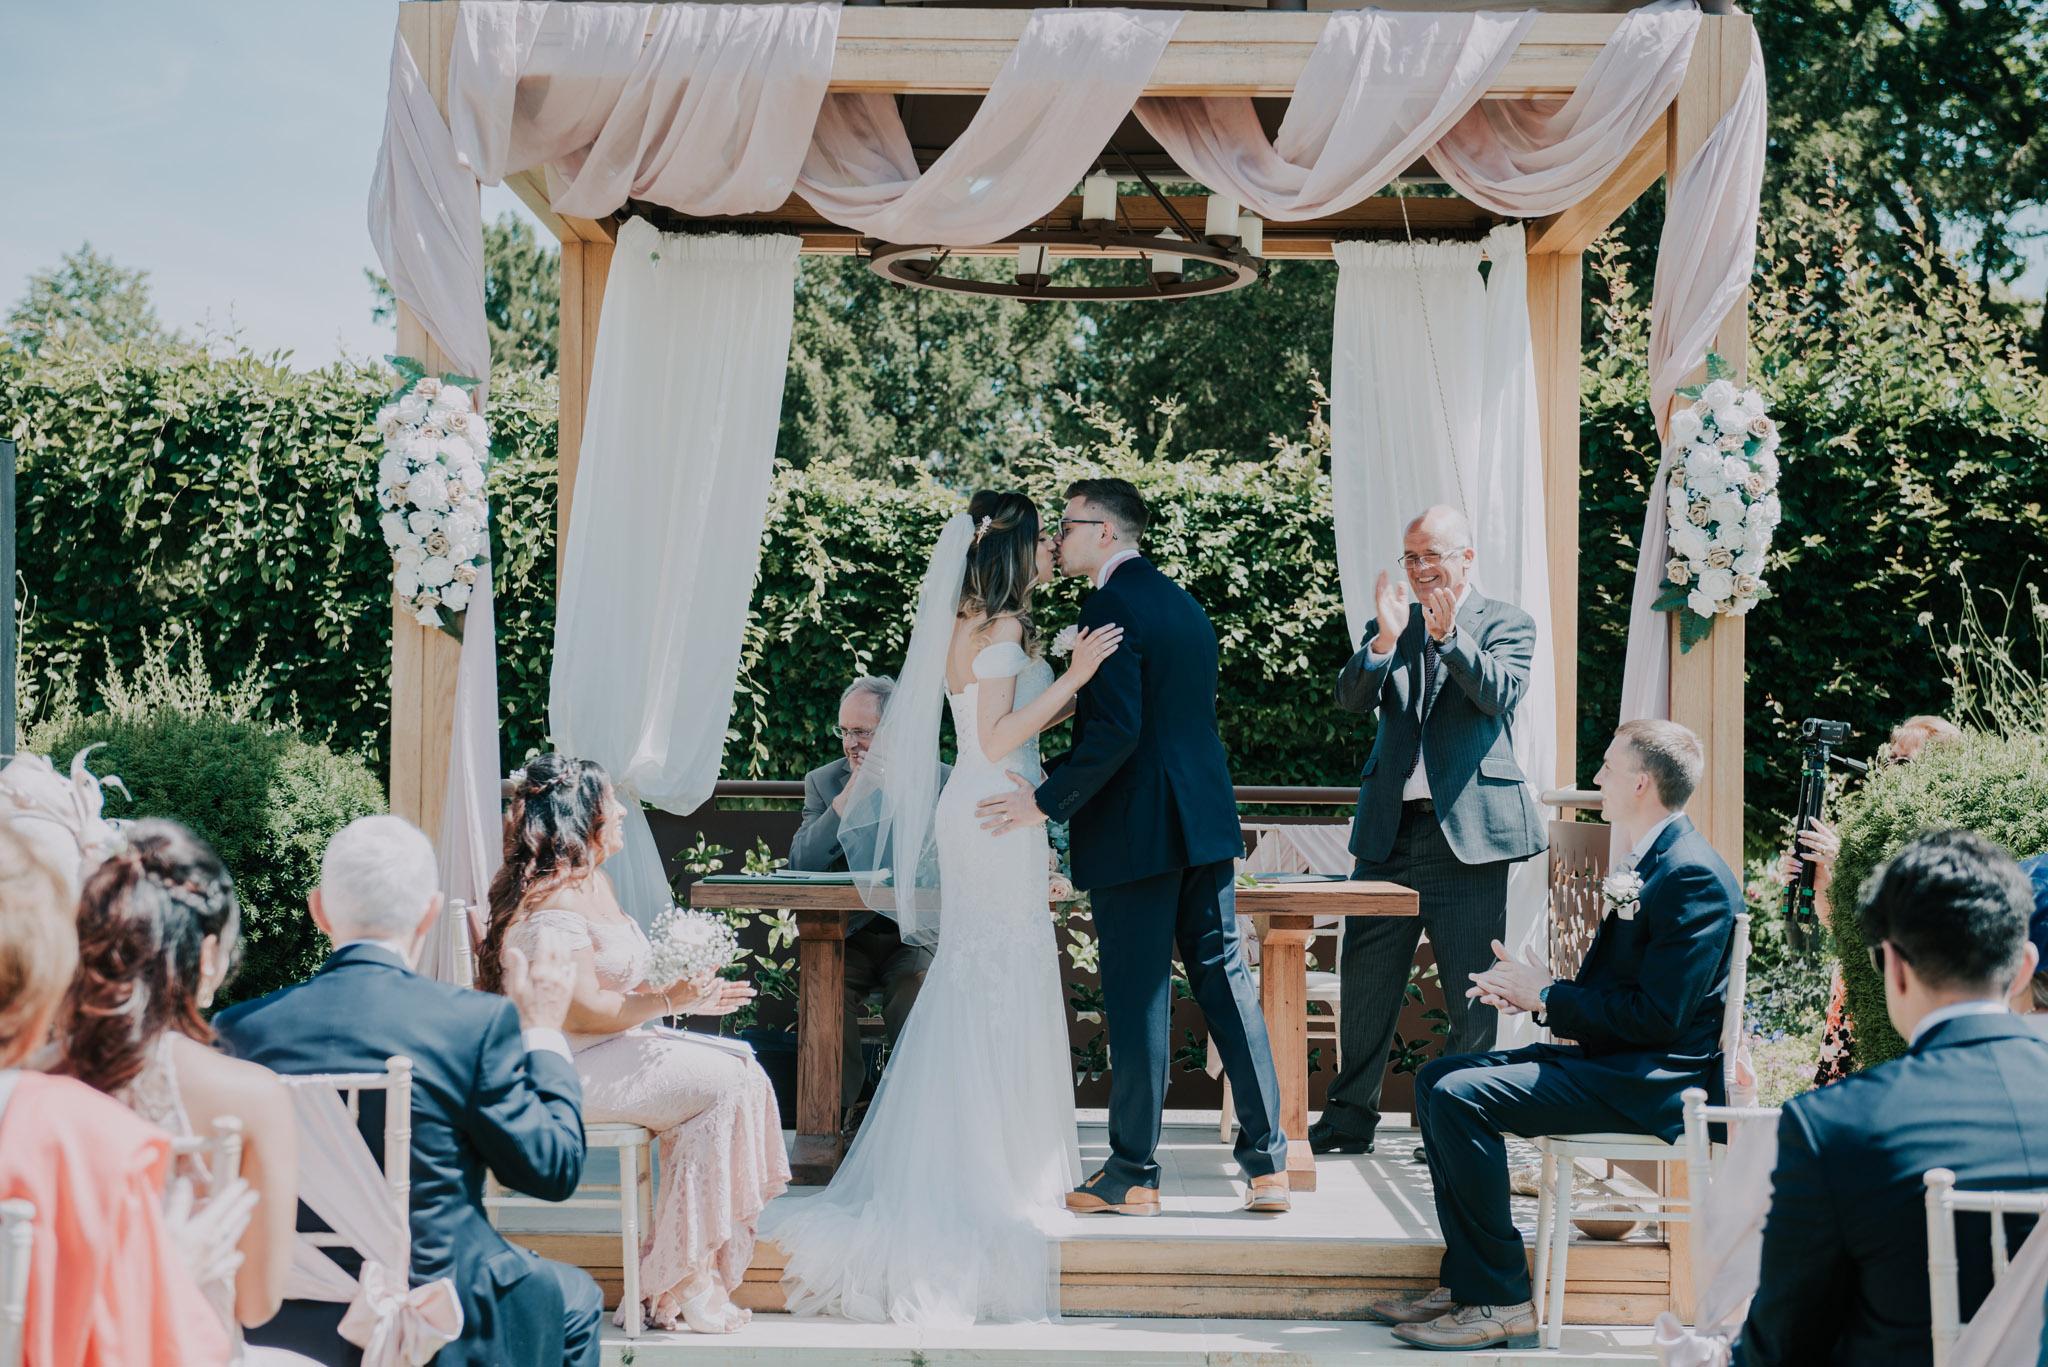 scott-stockwell-wedding-photographer-wood-norton-evesham174.jpg